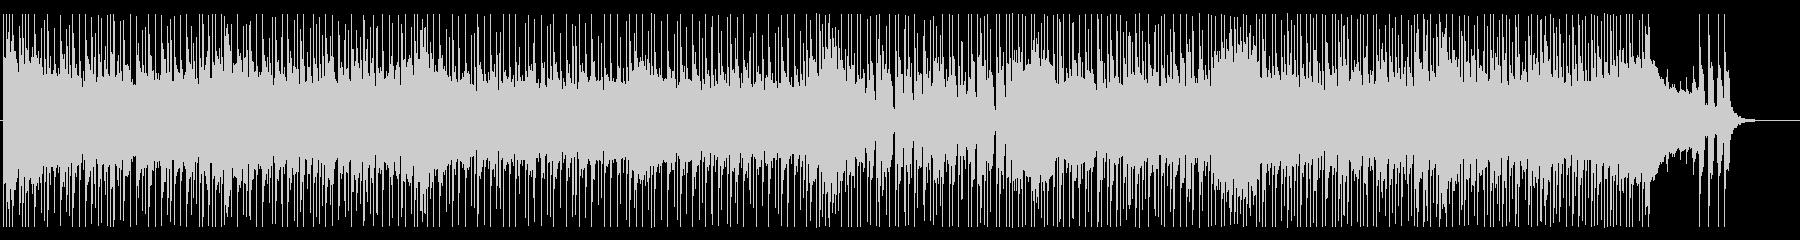 疾走感と攻撃的なメタルサウンドのBGMの未再生の波形